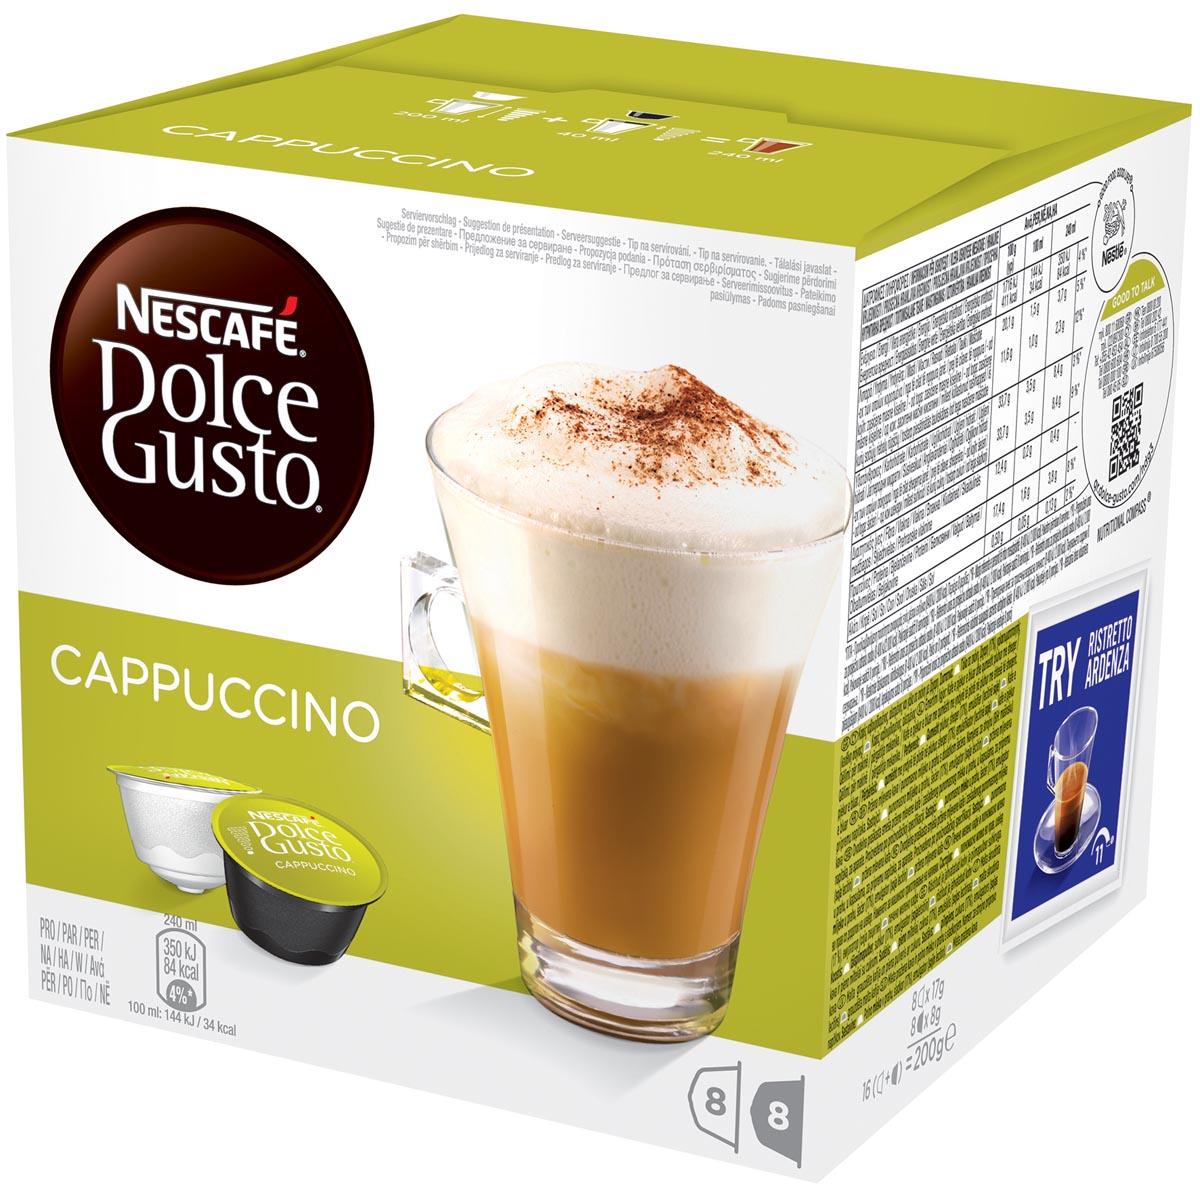 Nescafé Dolce Gusto koffiepads, Cappucino, pak van 16 stuks